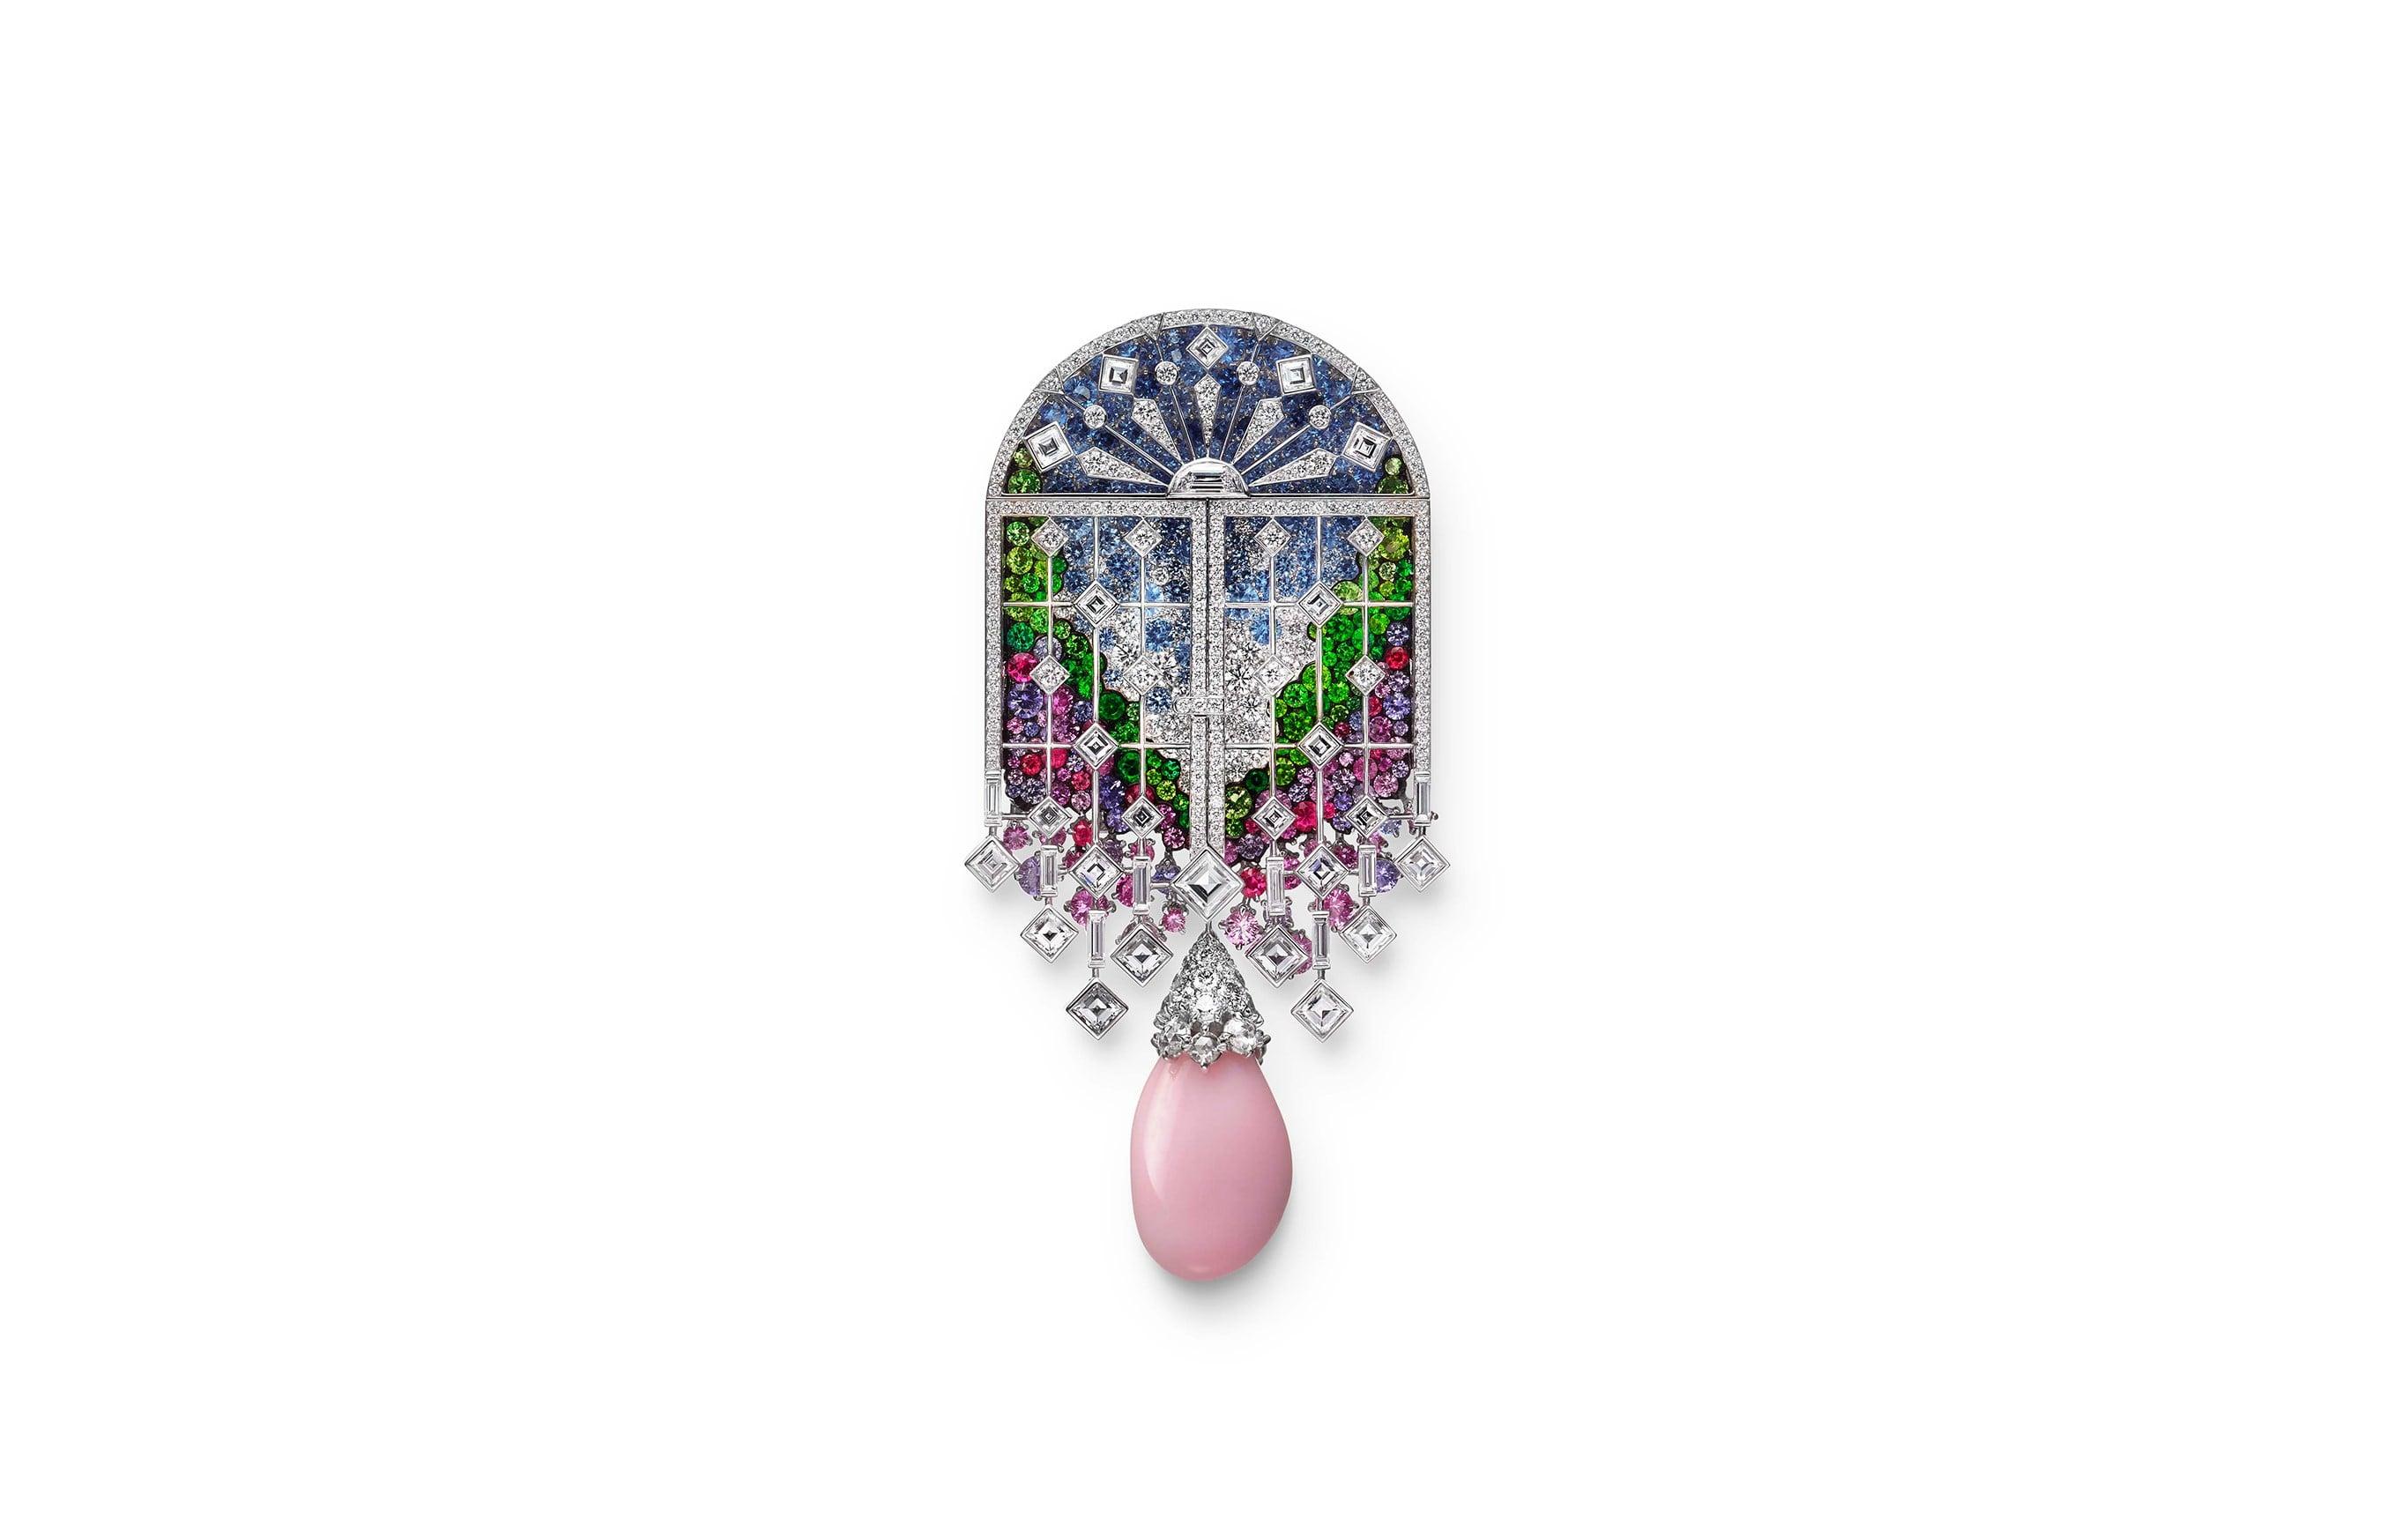 窓辺の向こうは花が咲き誇る庭園。ダイヤモンドの窓は開閉することができる。 ブローチ。K18ホワイトゴールド・天然真珠(コンク)・サファイア・ガーネット・エメラルド・スピネル・ダイヤモンド。43,000,000円 税別